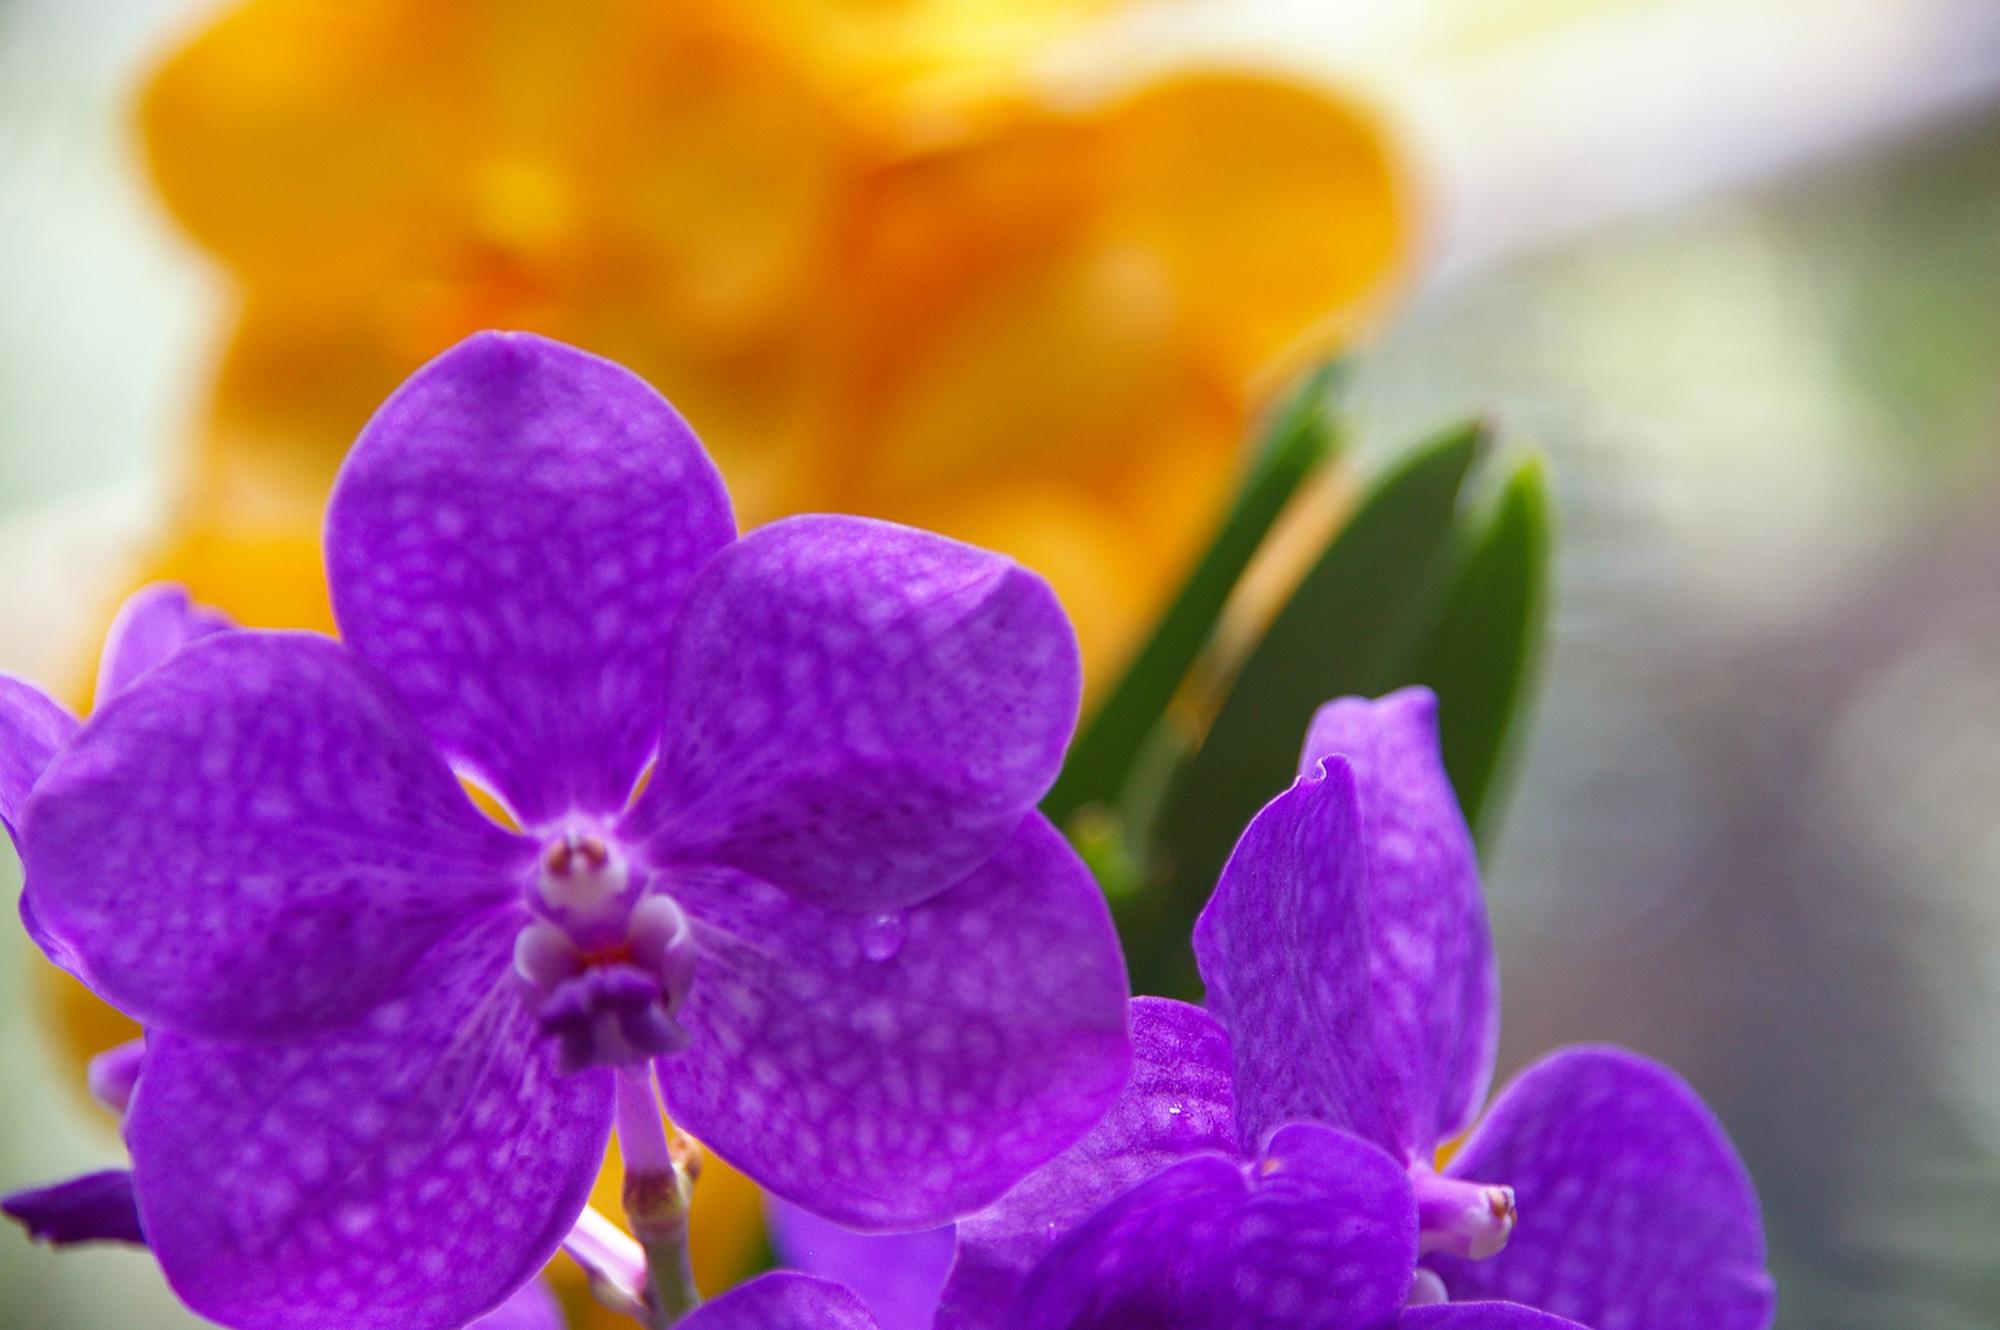 鮮やかな紫の花の写真のフリー素材